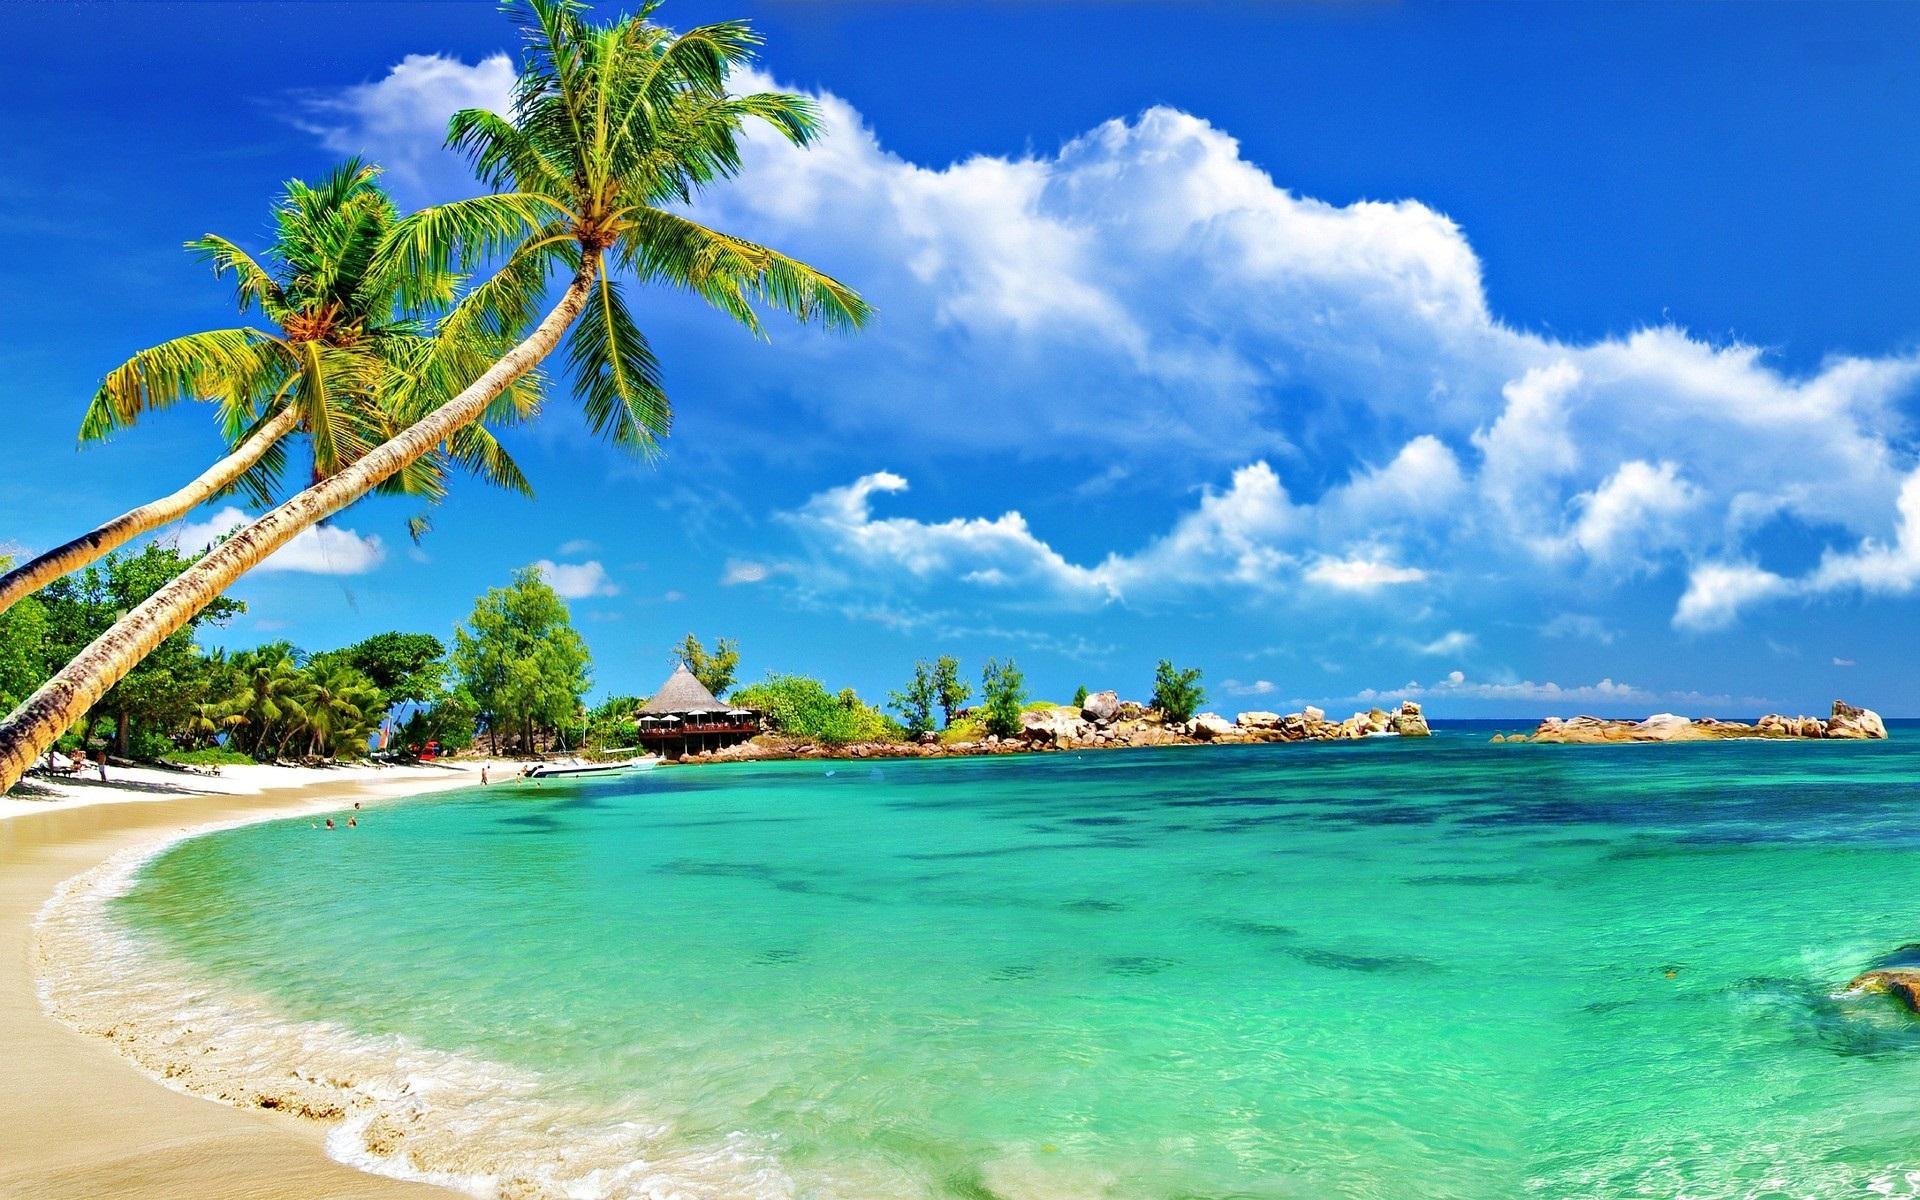 43 Tropical Beach Screensavers And Wallpaper On Wallpapersafari